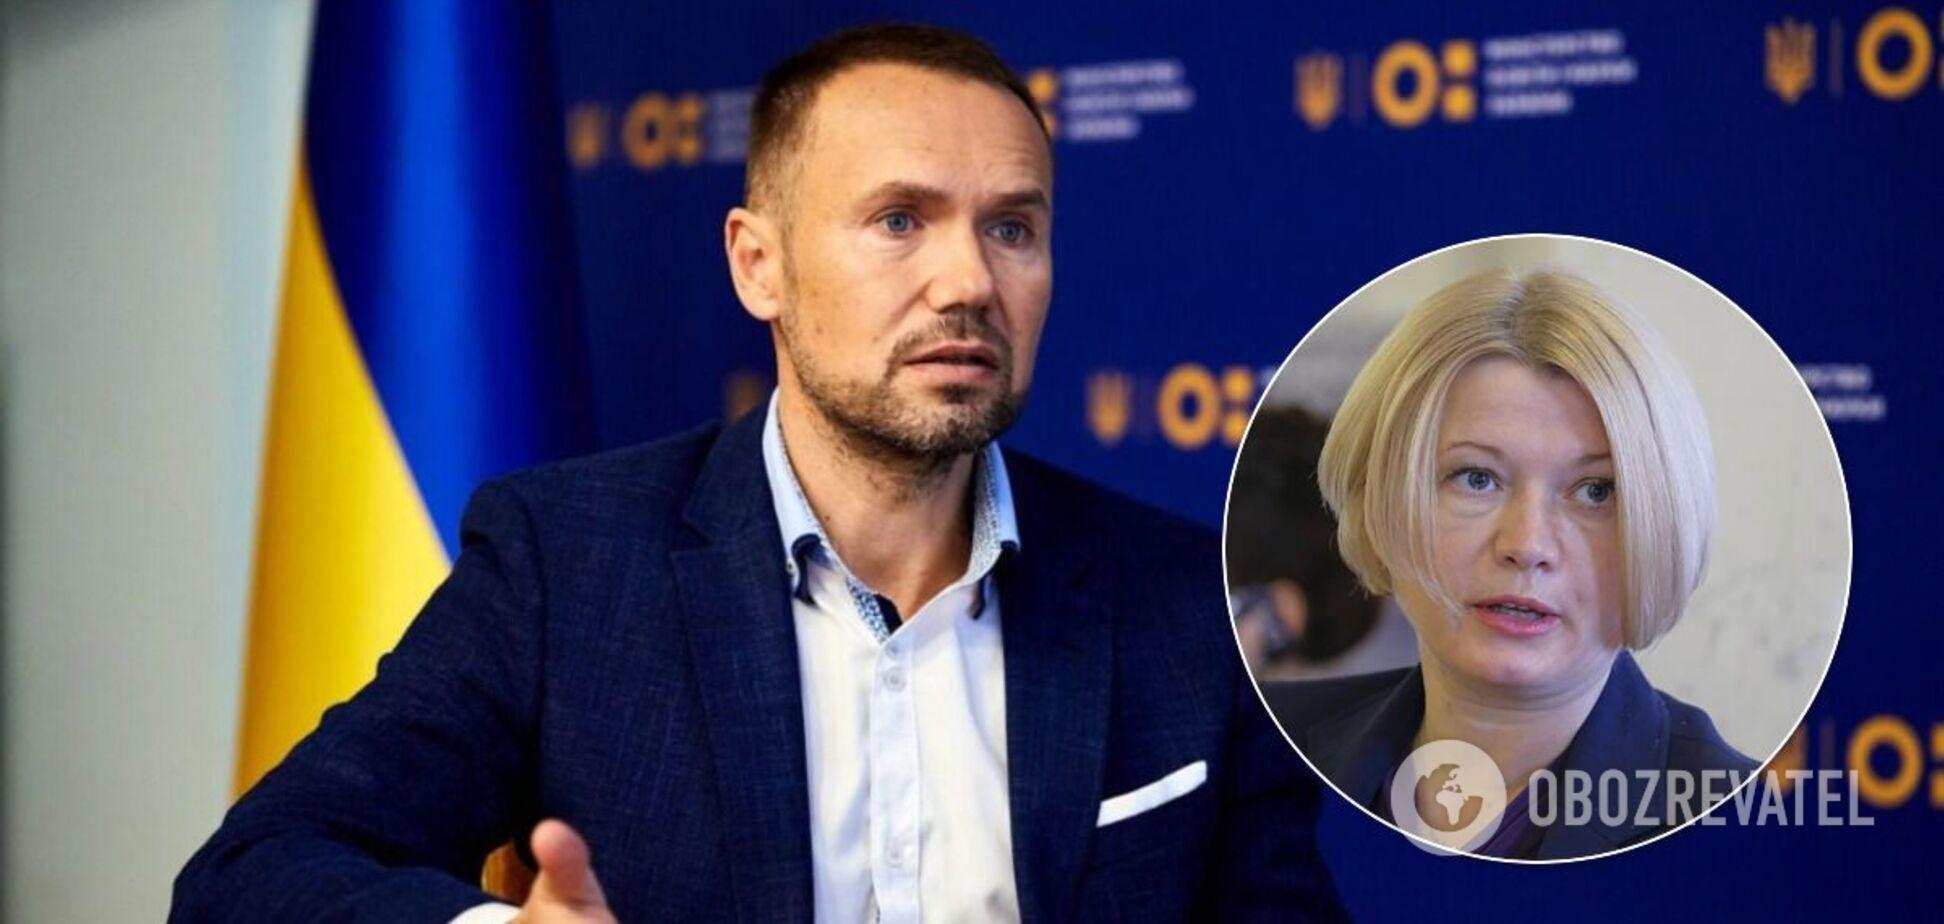 У Порошенко заявили о готовности обжаловать назначение Шкарлета в суде